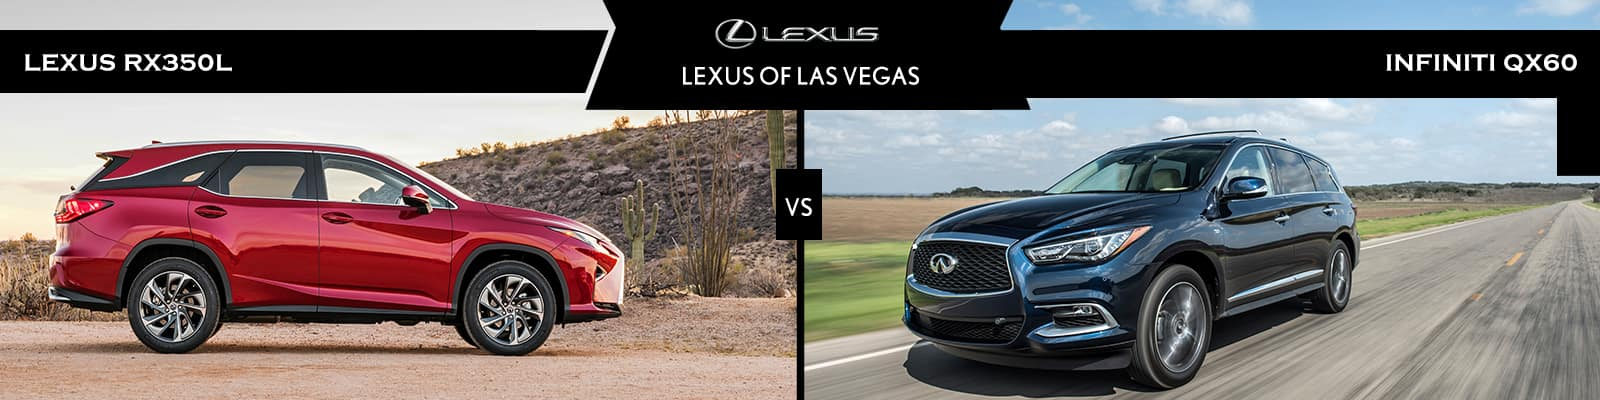 Lexus RX 350L vs Infiniti QX60